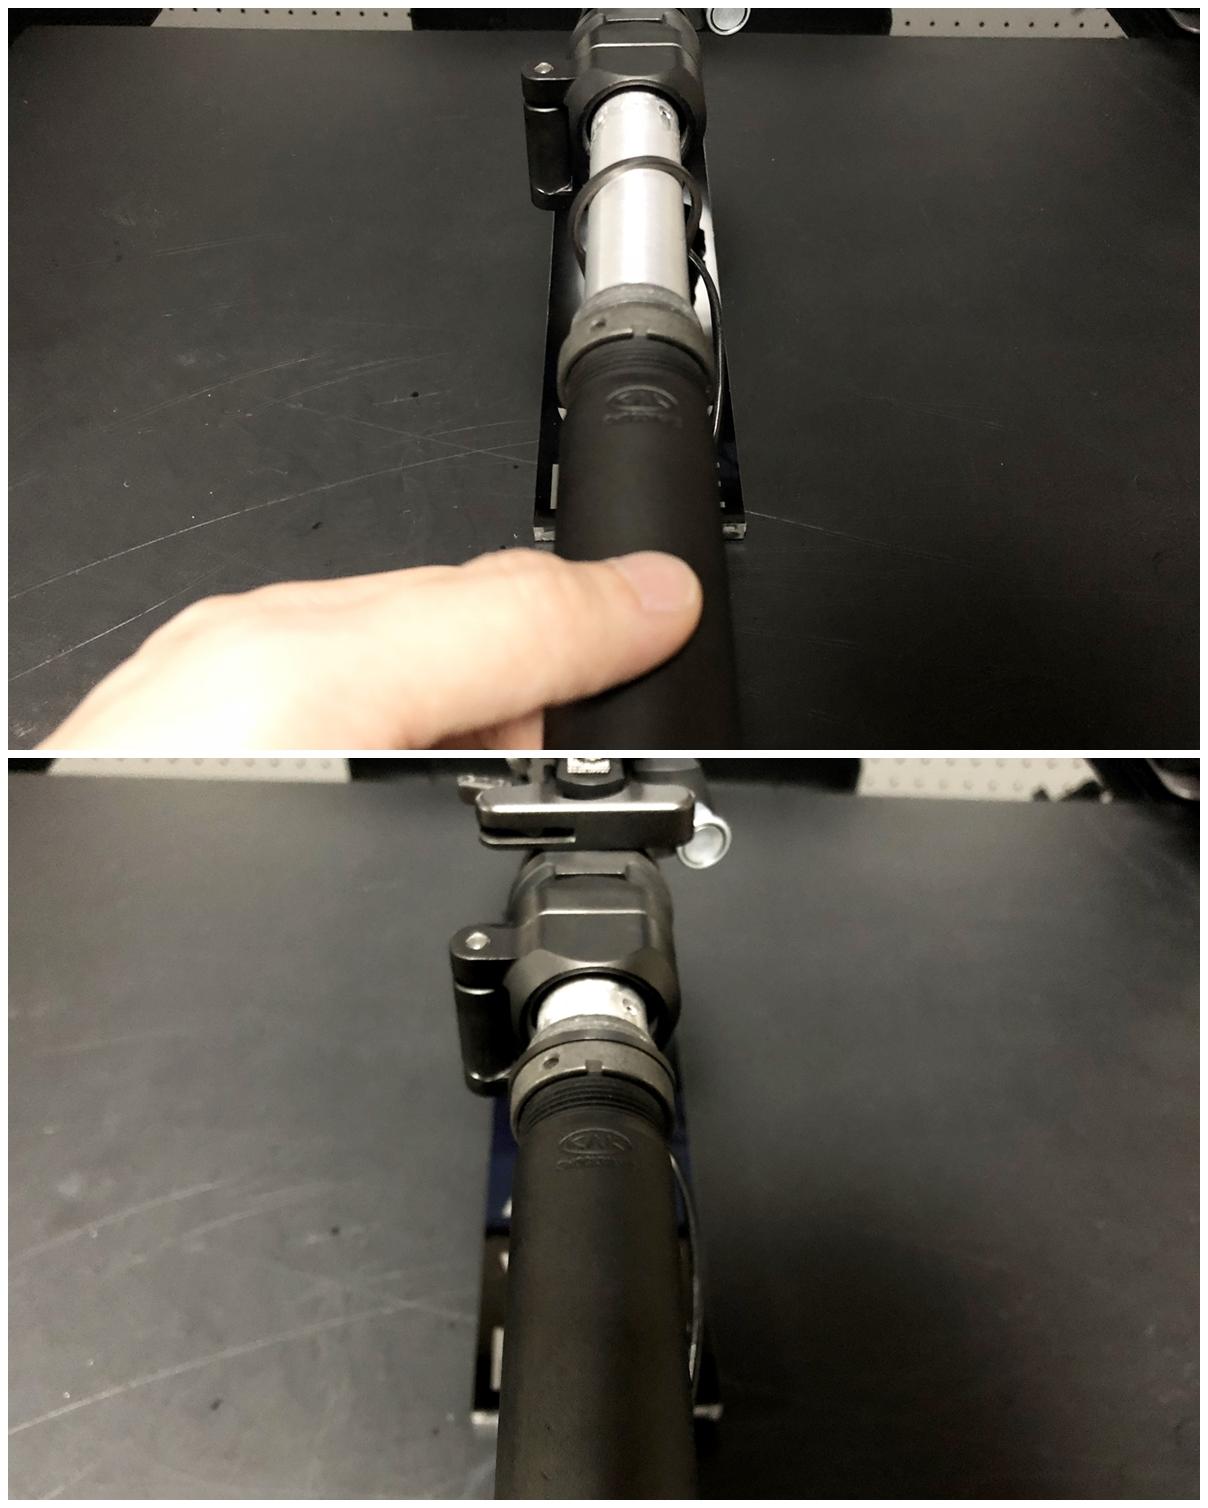 29 次世代 M4 CQB-R 電動ガン 実物 KAK SHOCKWAVE BLADE PISTOL AR-15 ストック 取付 改造 カスタム 大作戦 第7弾完結!! 最終 組み立て作業 & 初速 調整!! 実銃 ストックパイプ AR フォールディング 取付 リコイル